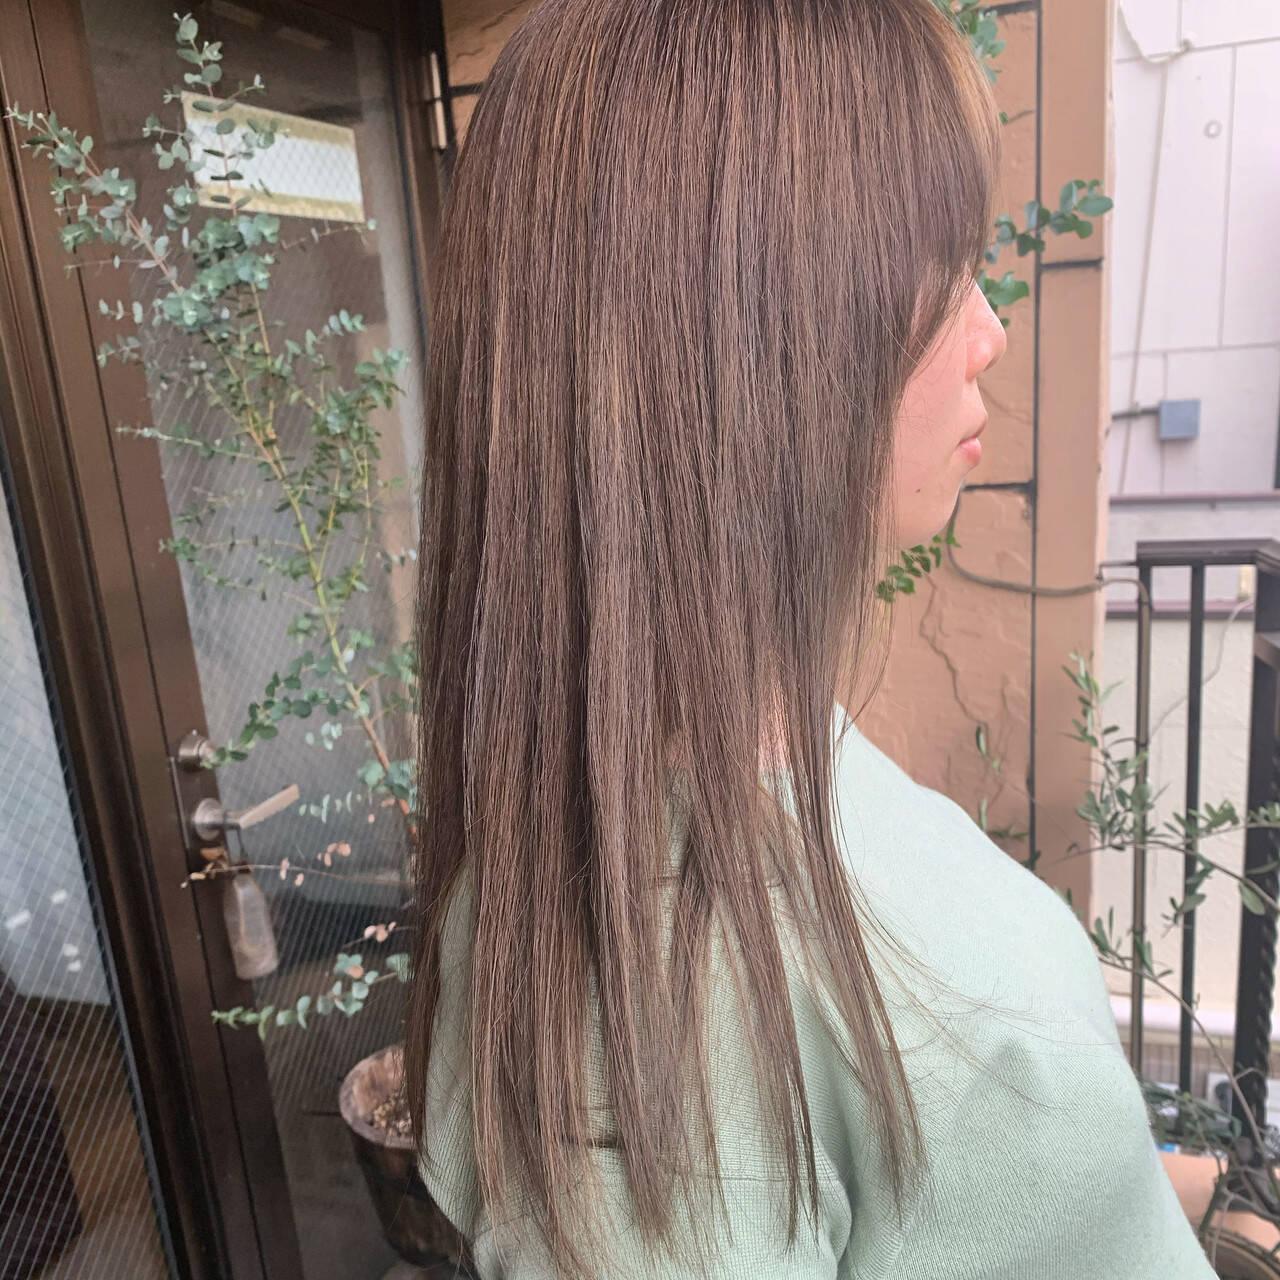 ミルクティーベージュ ナチュラル ベージュ ハイトーンカラーヘアスタイルや髪型の写真・画像